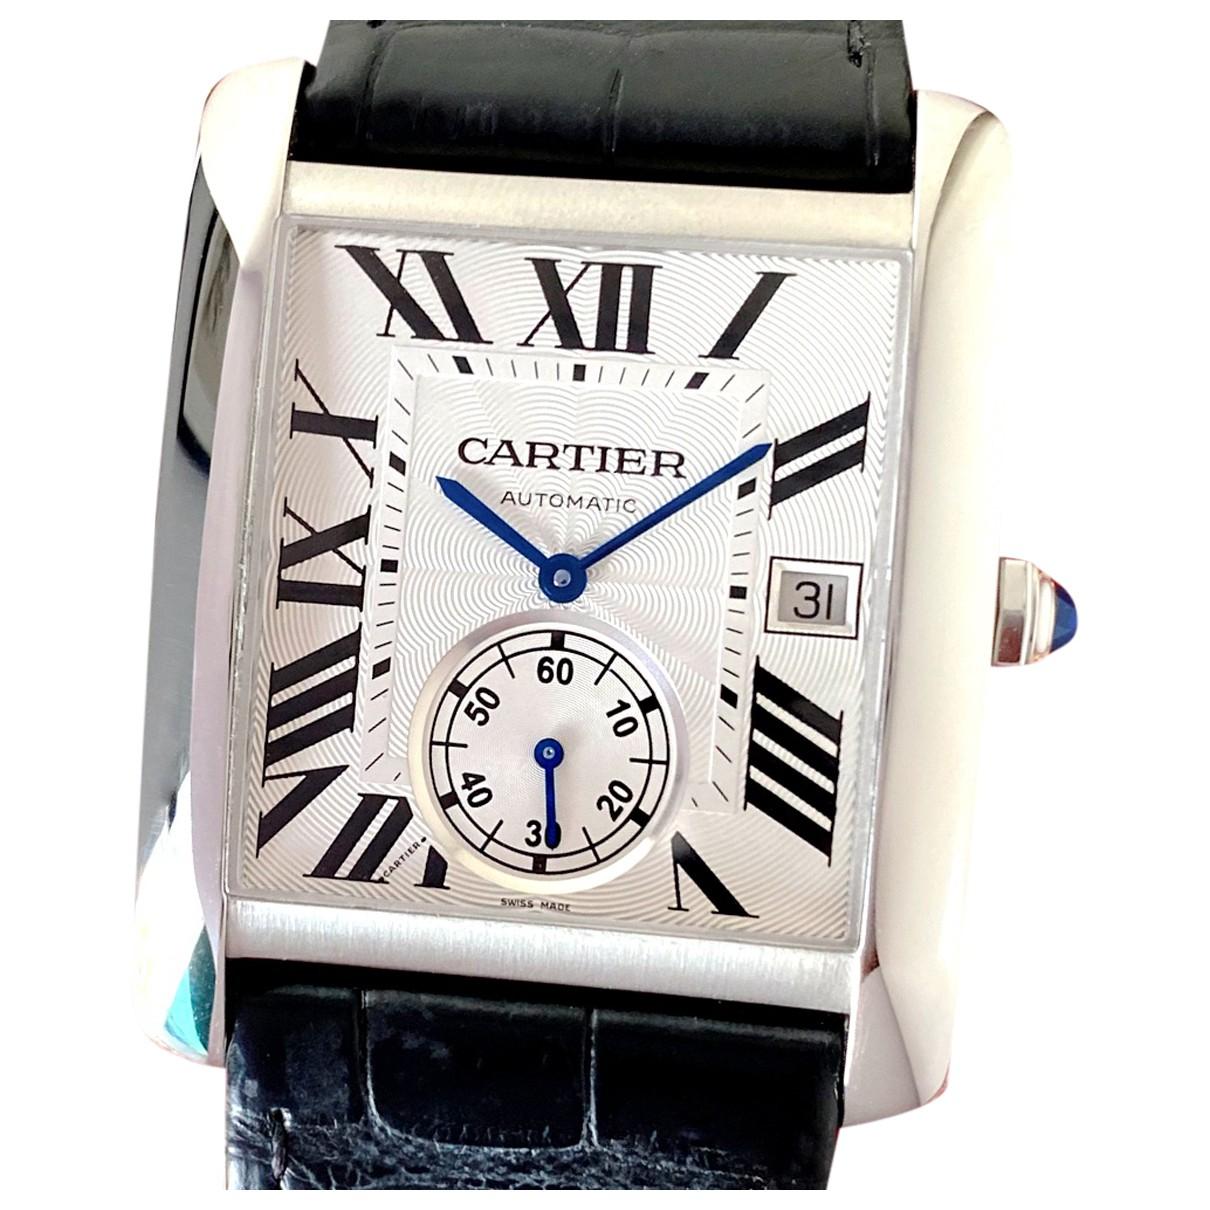 Relojes Tank MC Cartier